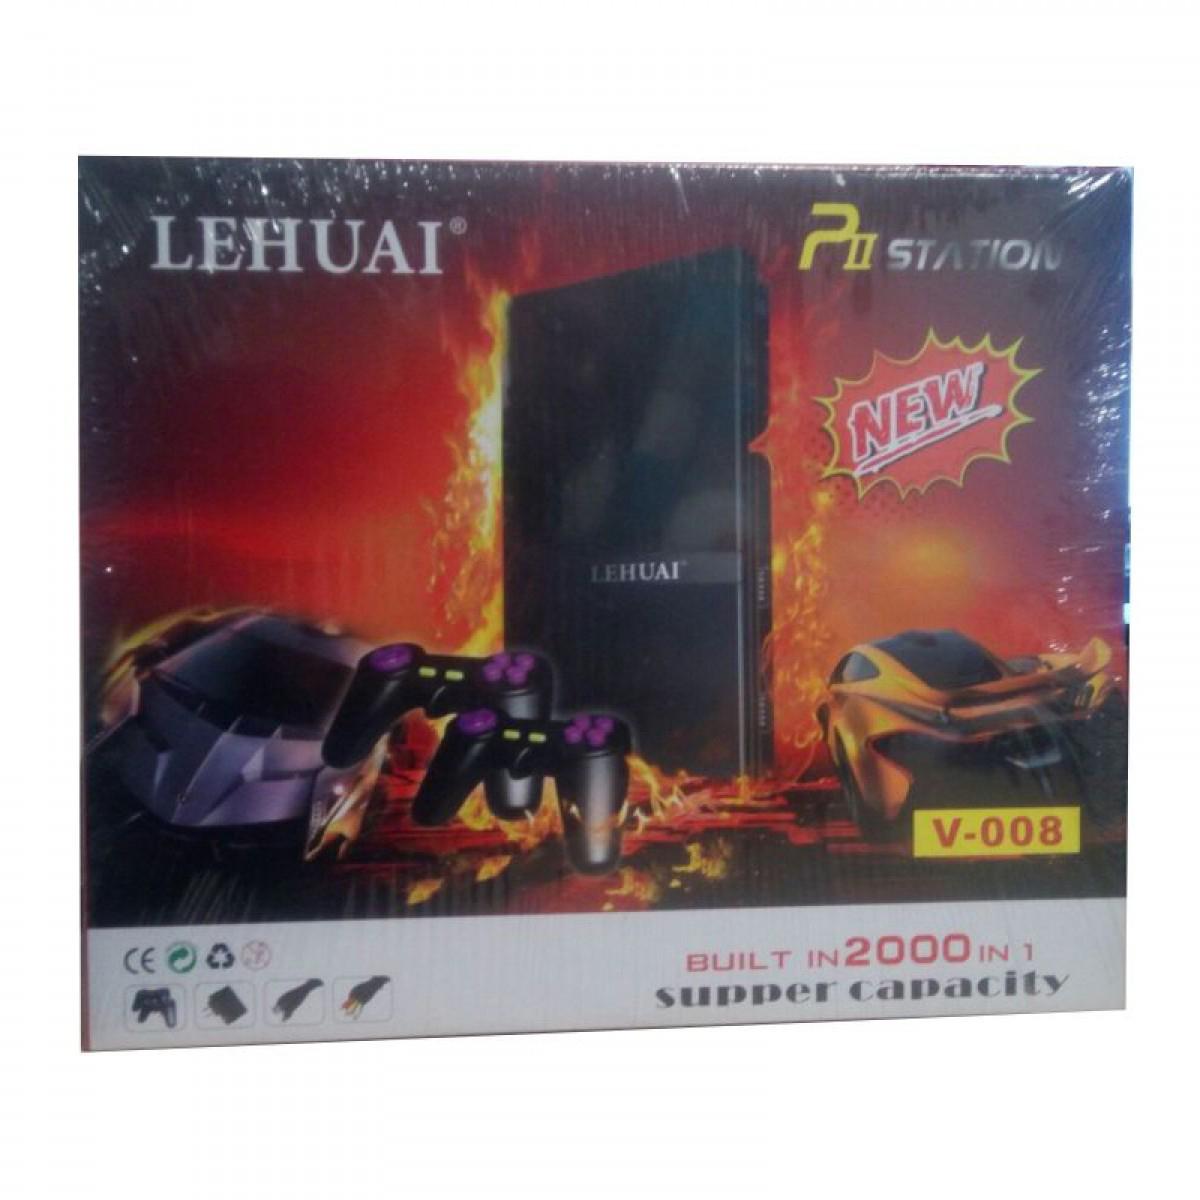 LEHUAI Pii Station V-008 κονσόλα με 2000 παιχνίδια